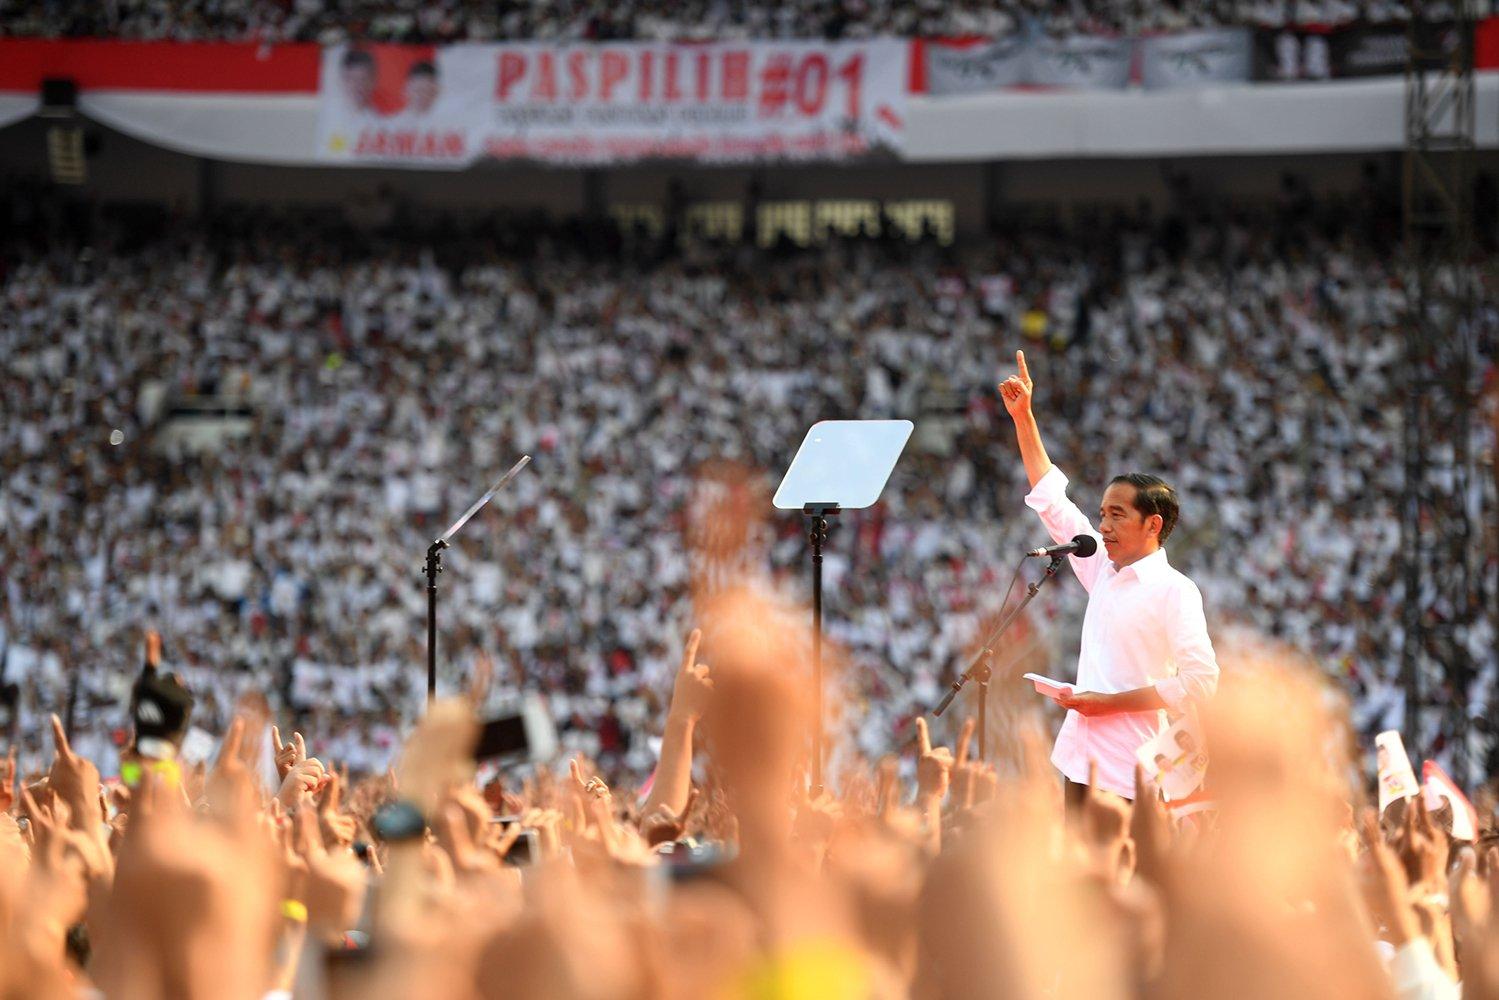 Calon Presiden nomor urut 01 Joko Widodo berpidato saat Konser Putih Bersatu di Stadion Utama GBK, Jakarta, Sabtu (13/4/2019). Konser itu merupakan kampanye akbar untuk memenangkan pasangan Jokowi-Ma\'ruf Amin.